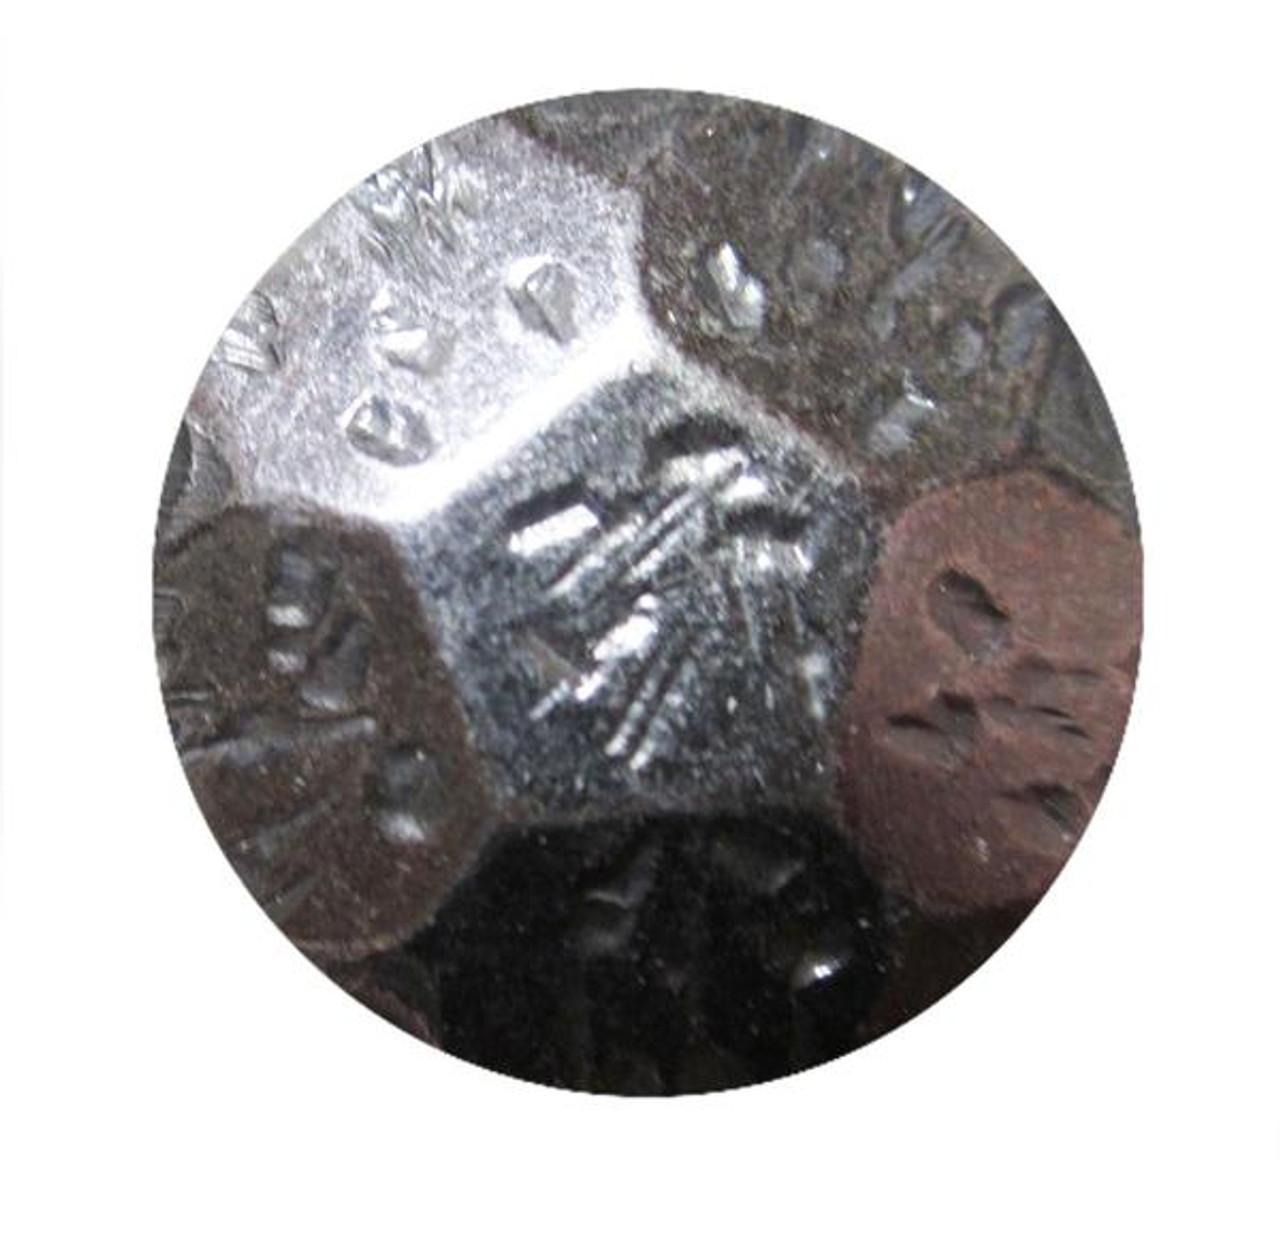 BD58 - Circular Hammered Nail - Head Size: 3/4\